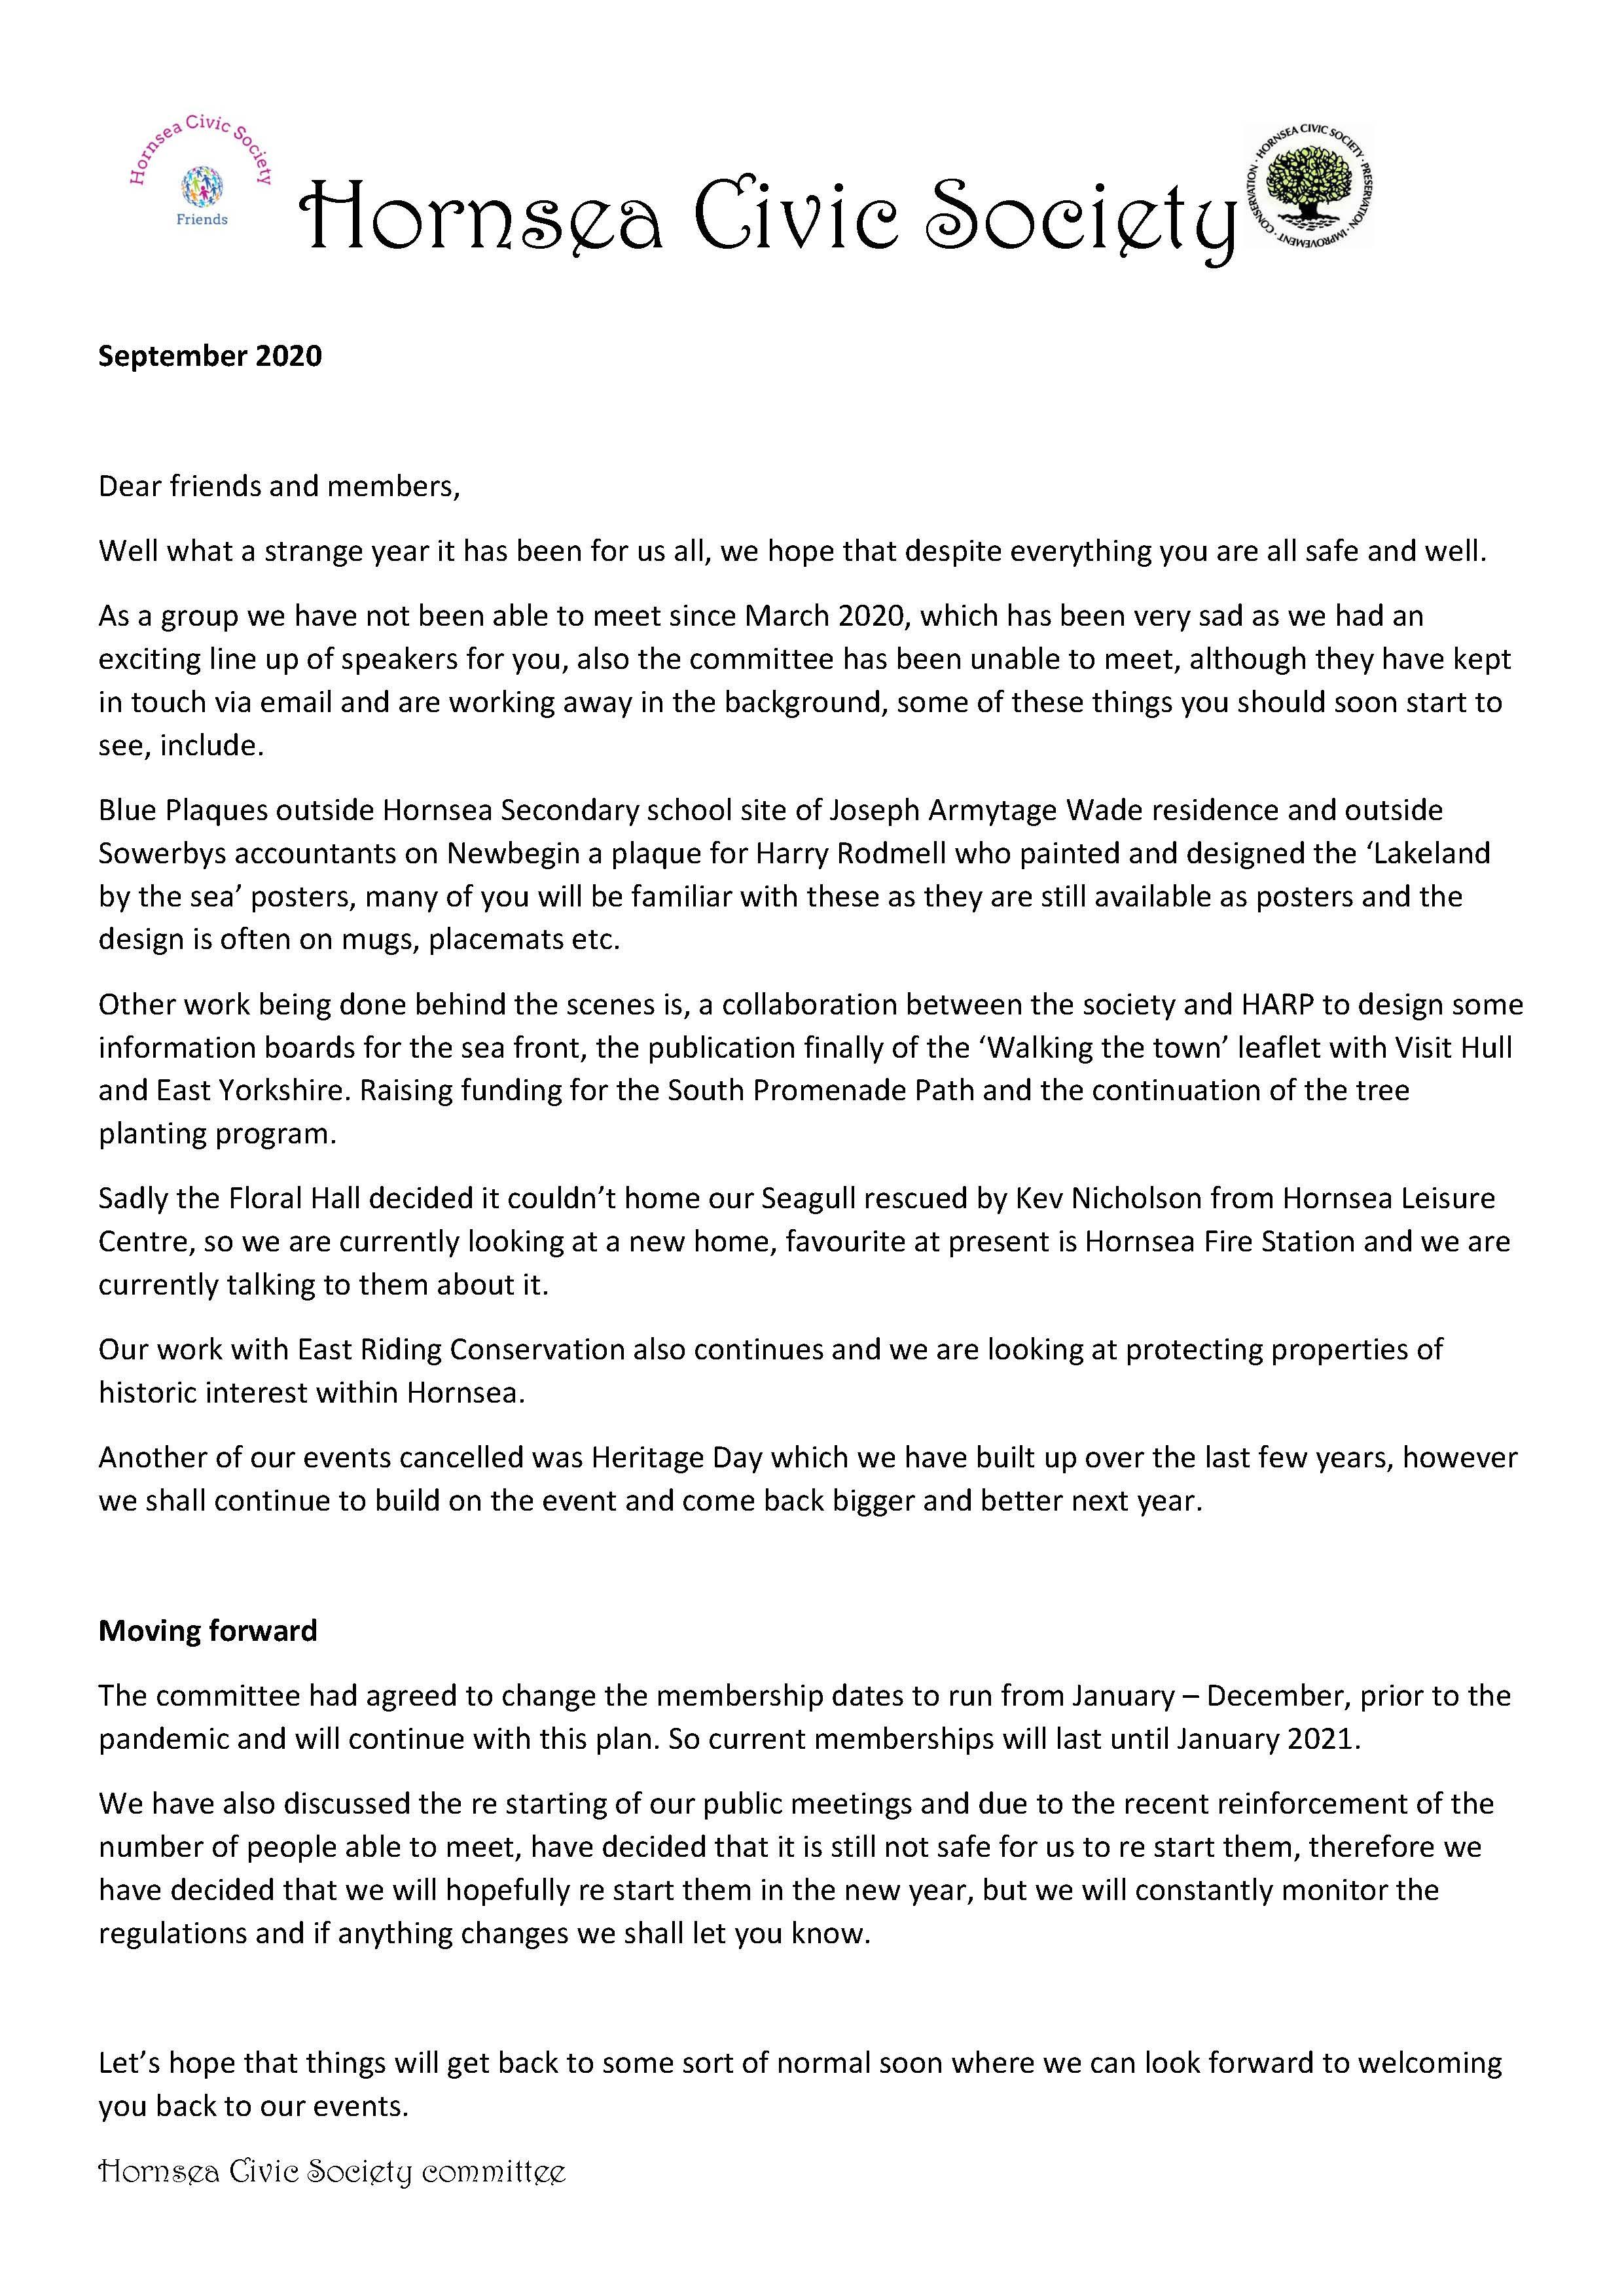 civic newsletter 2020